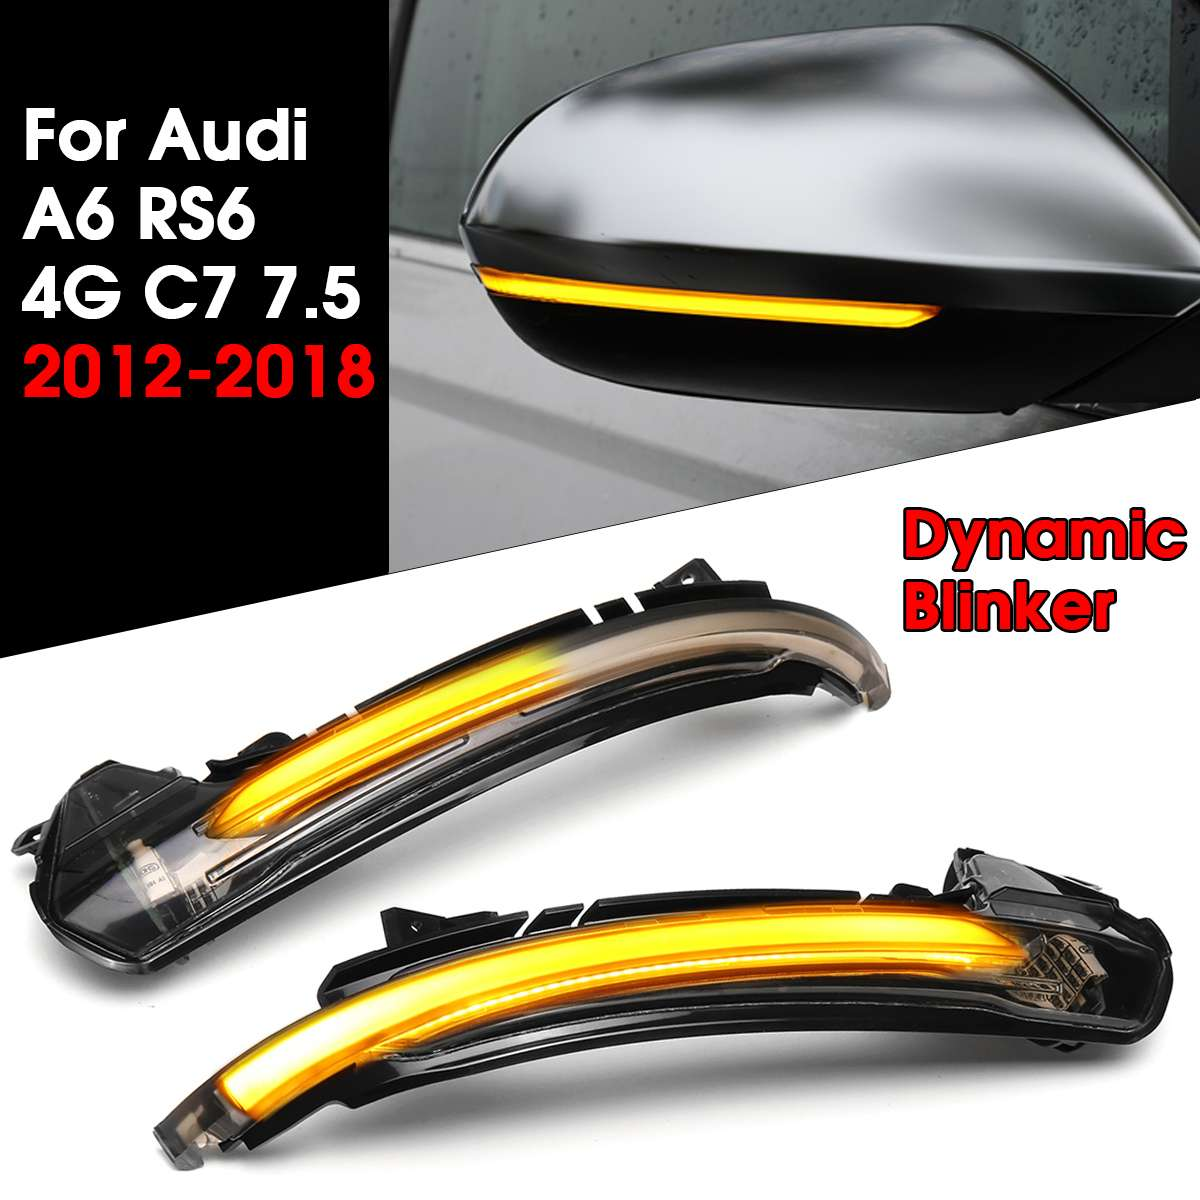 1 paire LED dynamique rétroviseur latéral clignotant clignotant clignotant pour Audi A6 RS6 4G C7 7.5 2012-2018